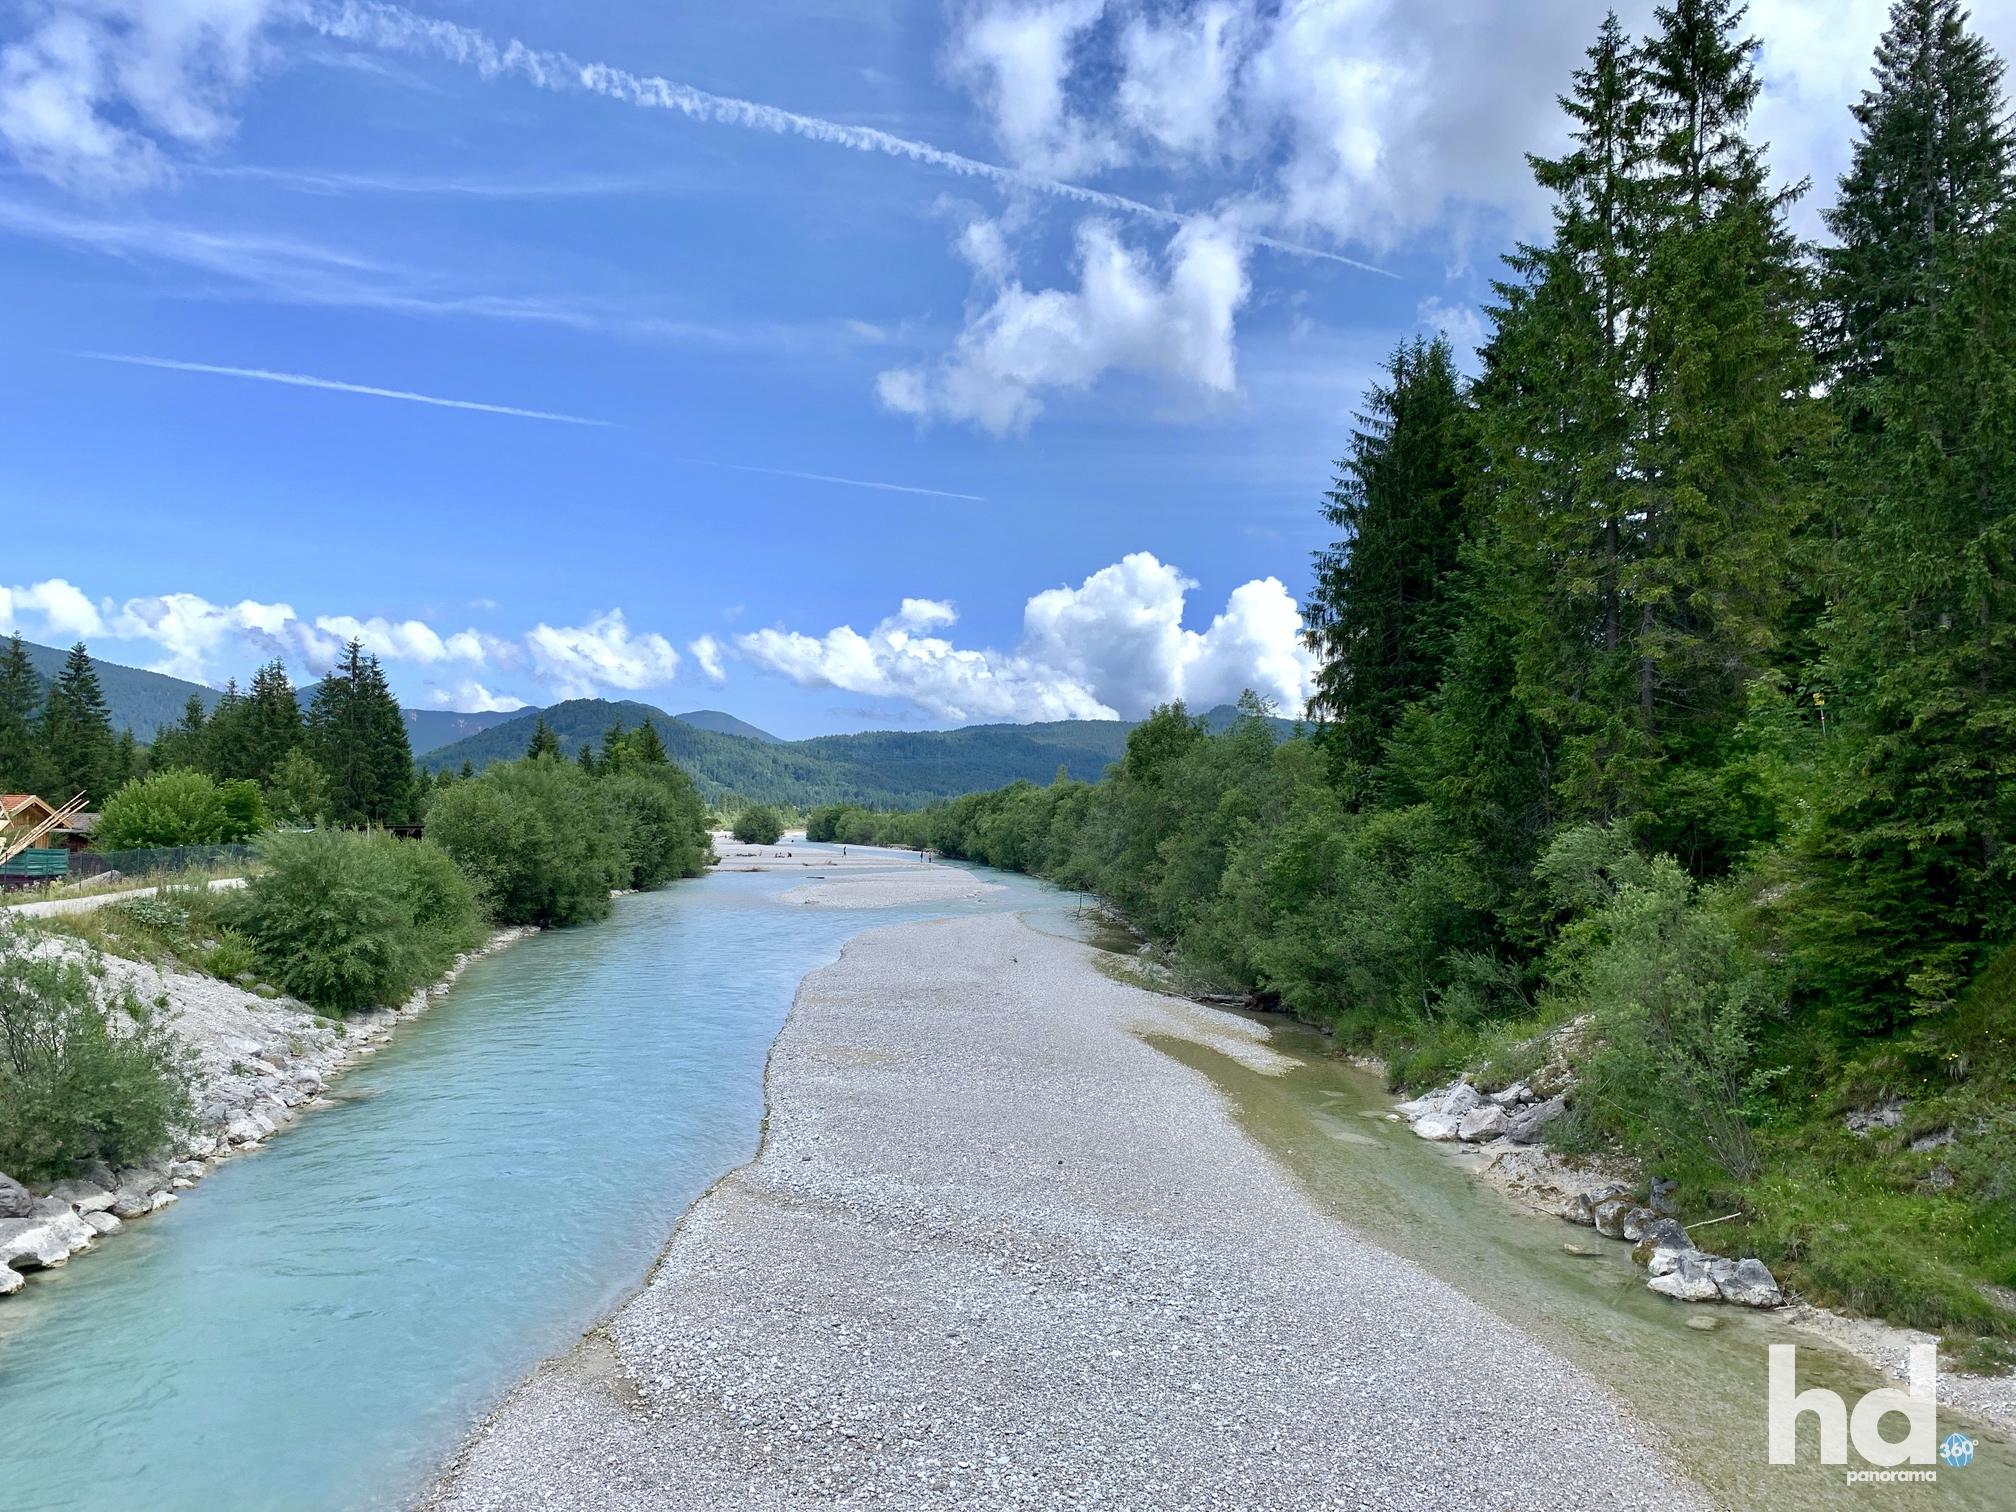 Das Quellgebiet der Isar, Gemeinde Krün, Foto © HD-Panorama